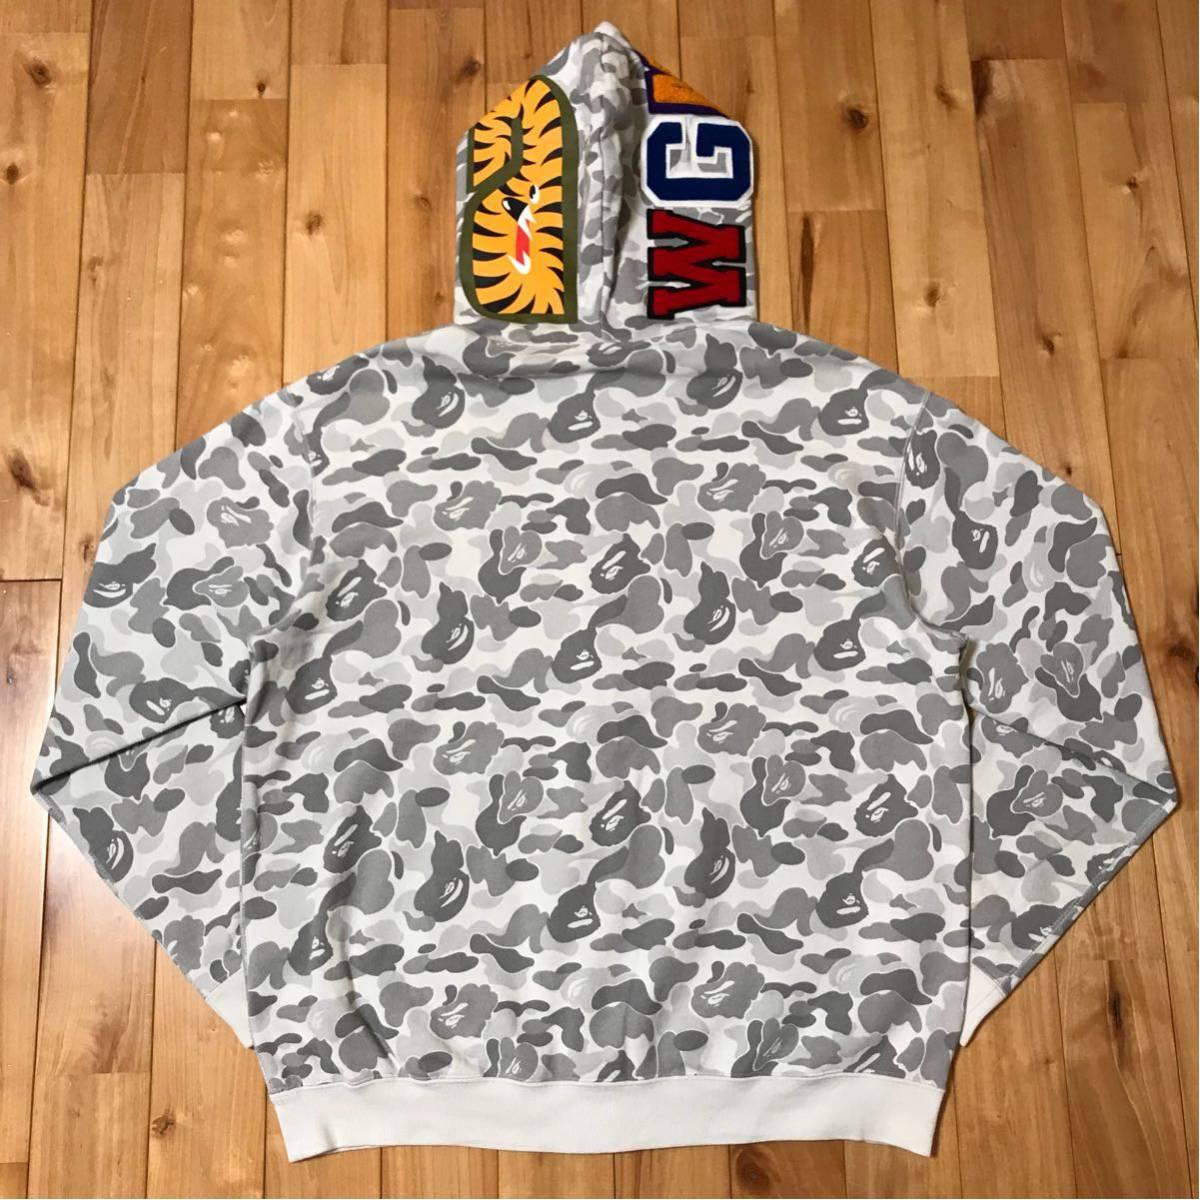 ★原宿限定★ harajuku store limited color camo シャーク パーカー shark full zip hoodie a bathing ape BAPE city ベイプ 都市限定